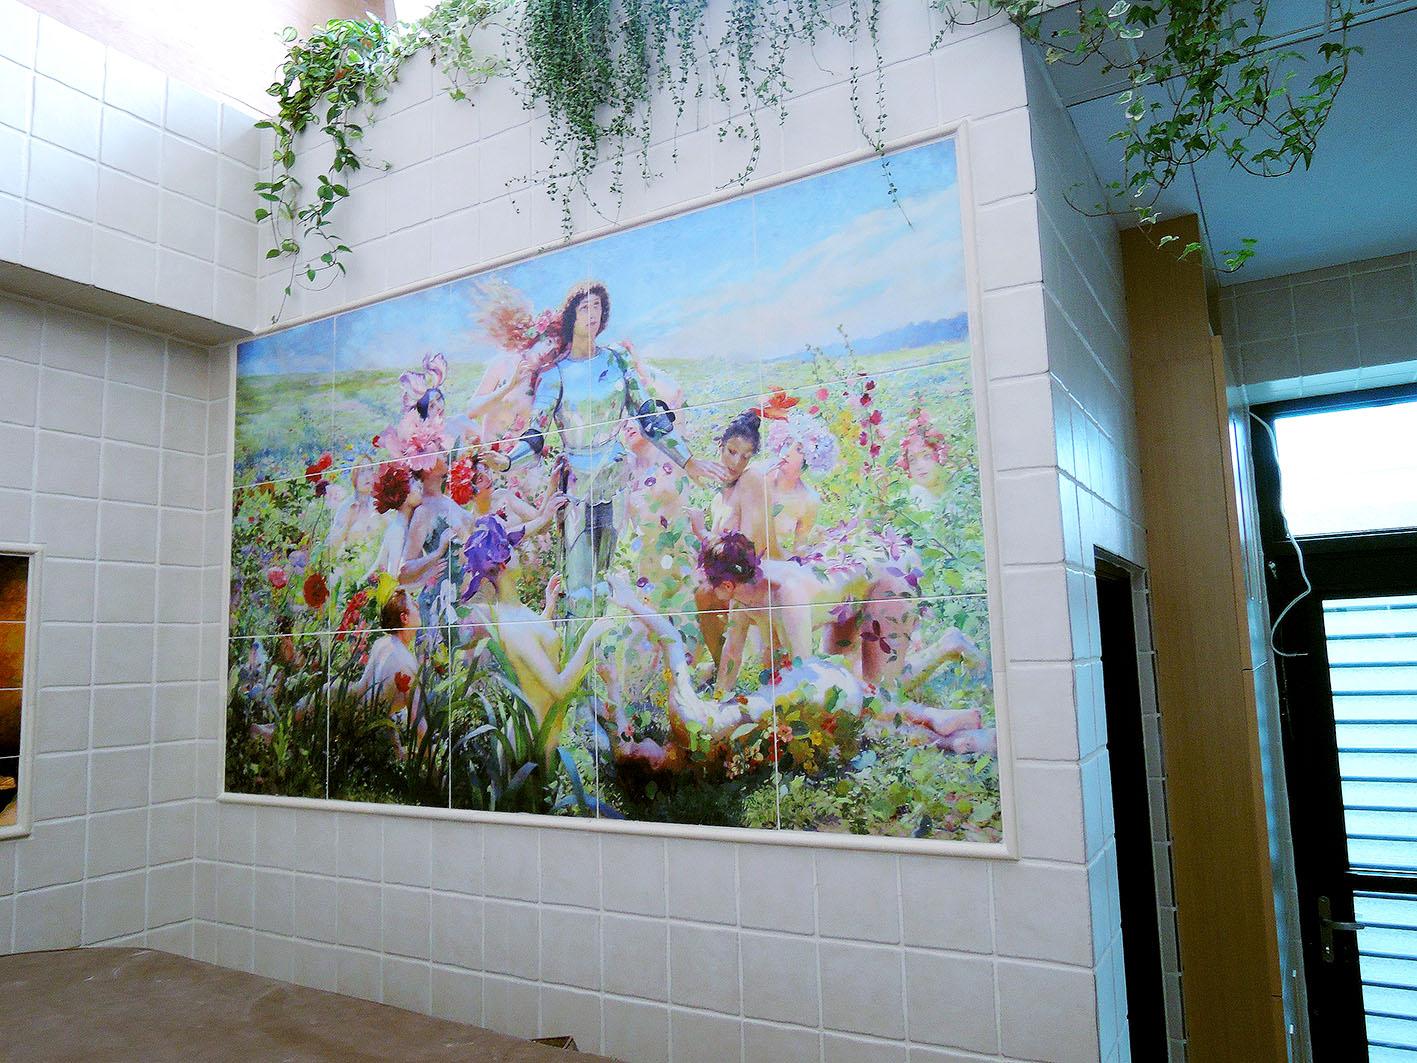 藝術家私人空間藝術牆面造景影像彩繪磁磚